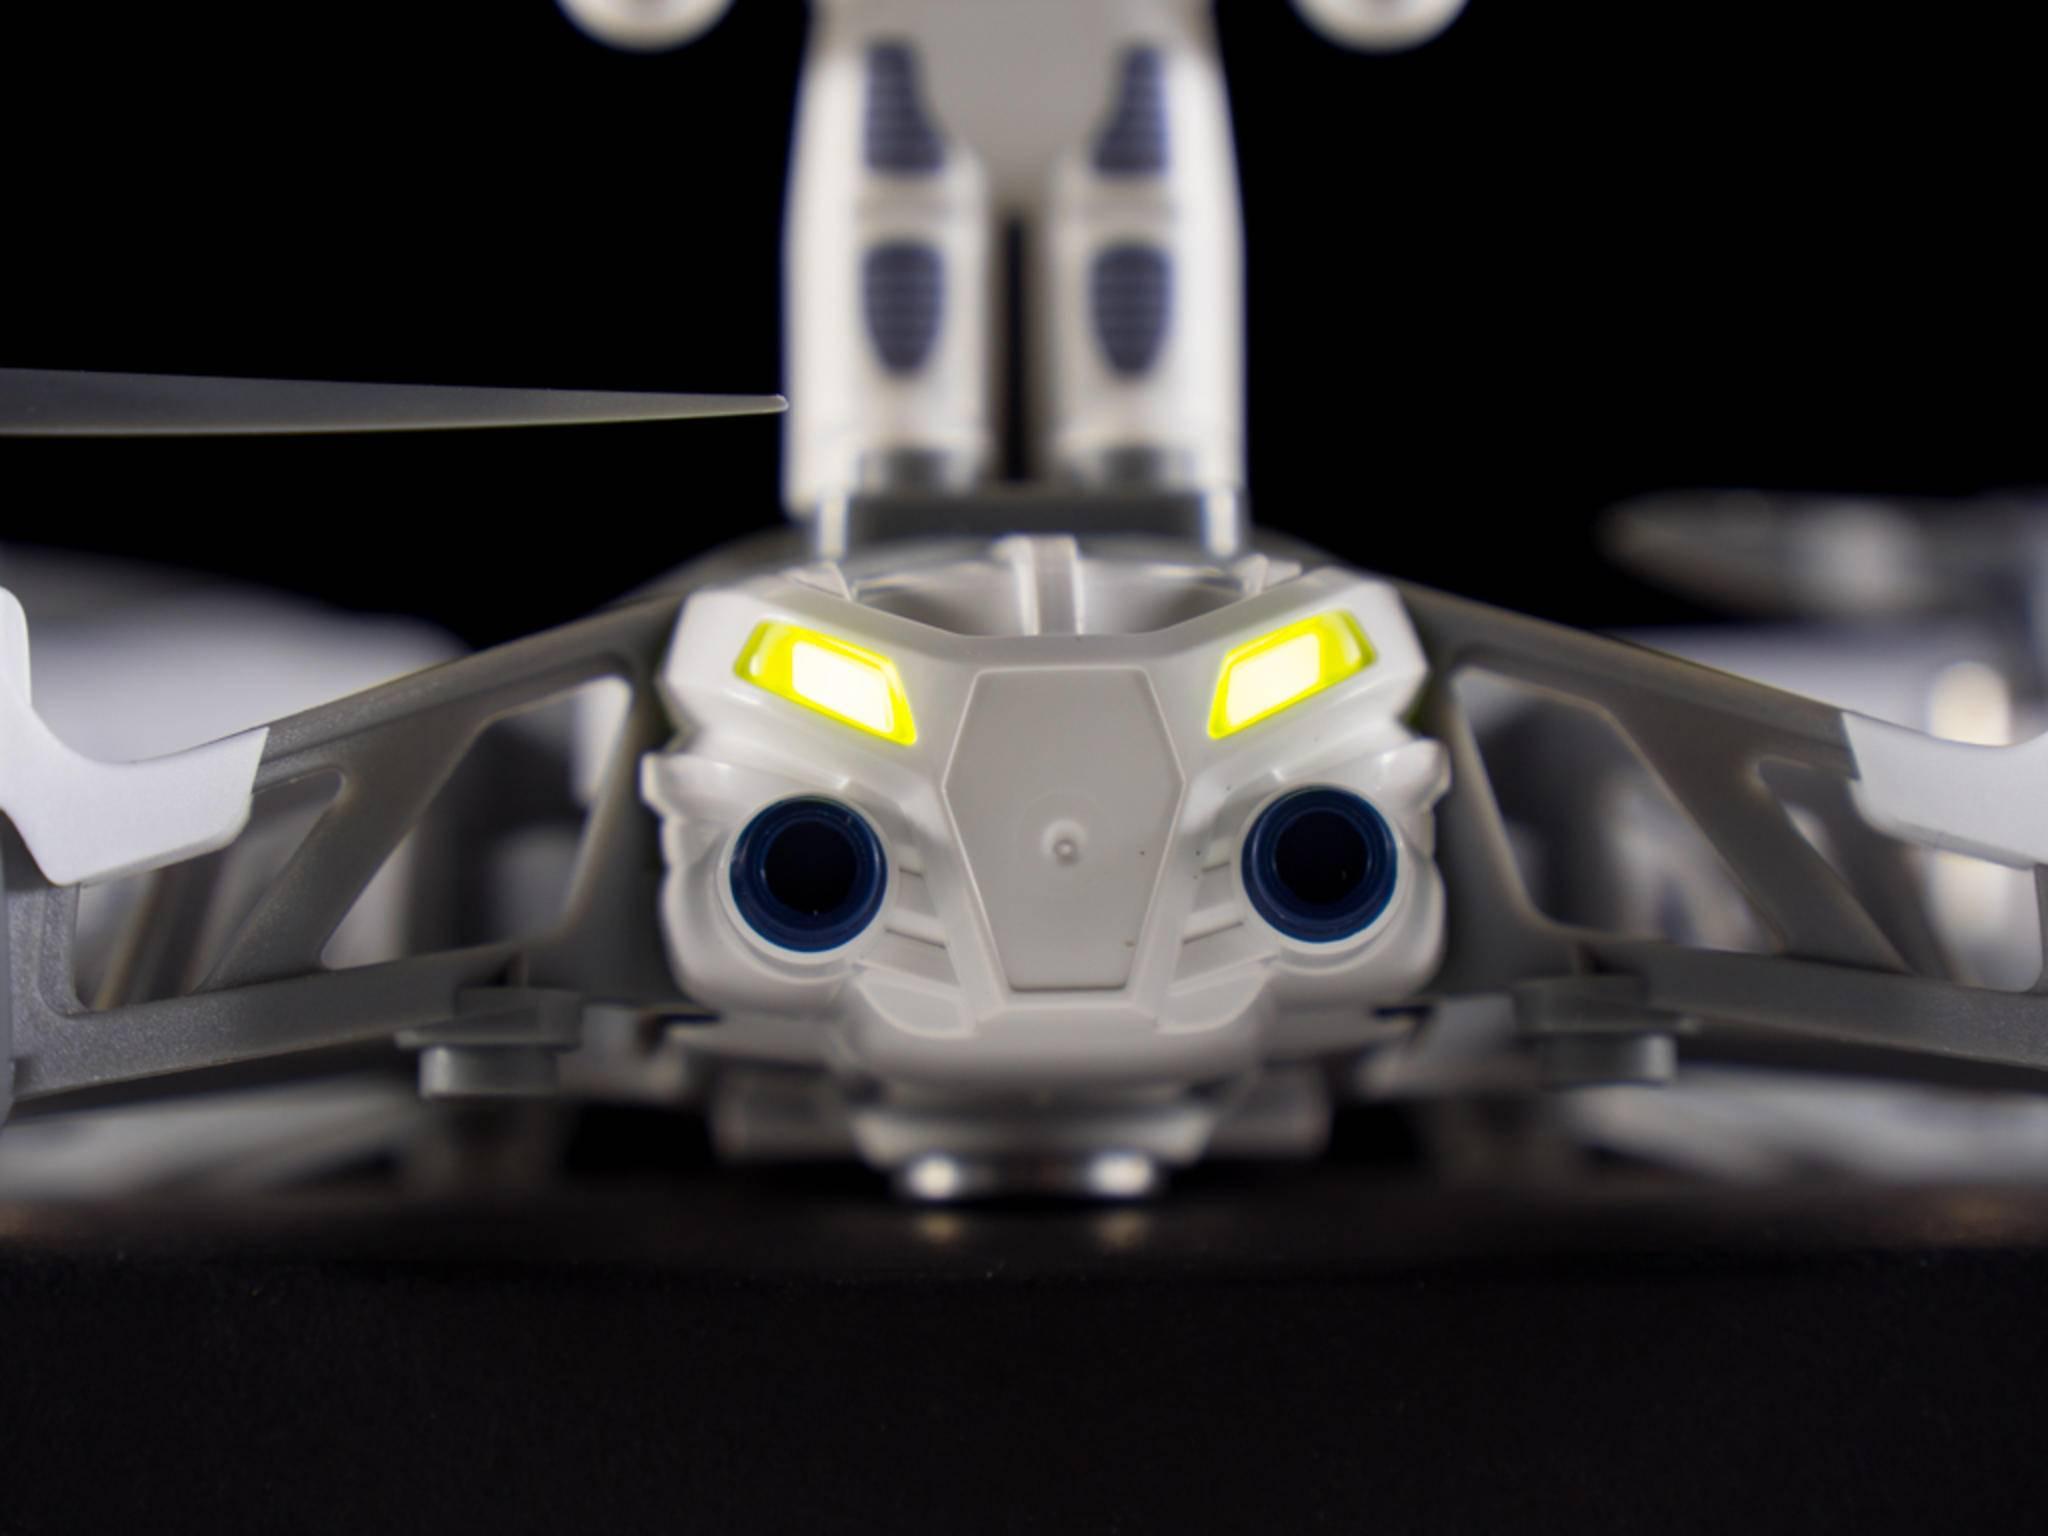 Der 550 mAh starke Akku sorgt für eine maximale Flugdauer von etwa 10 Minuten.